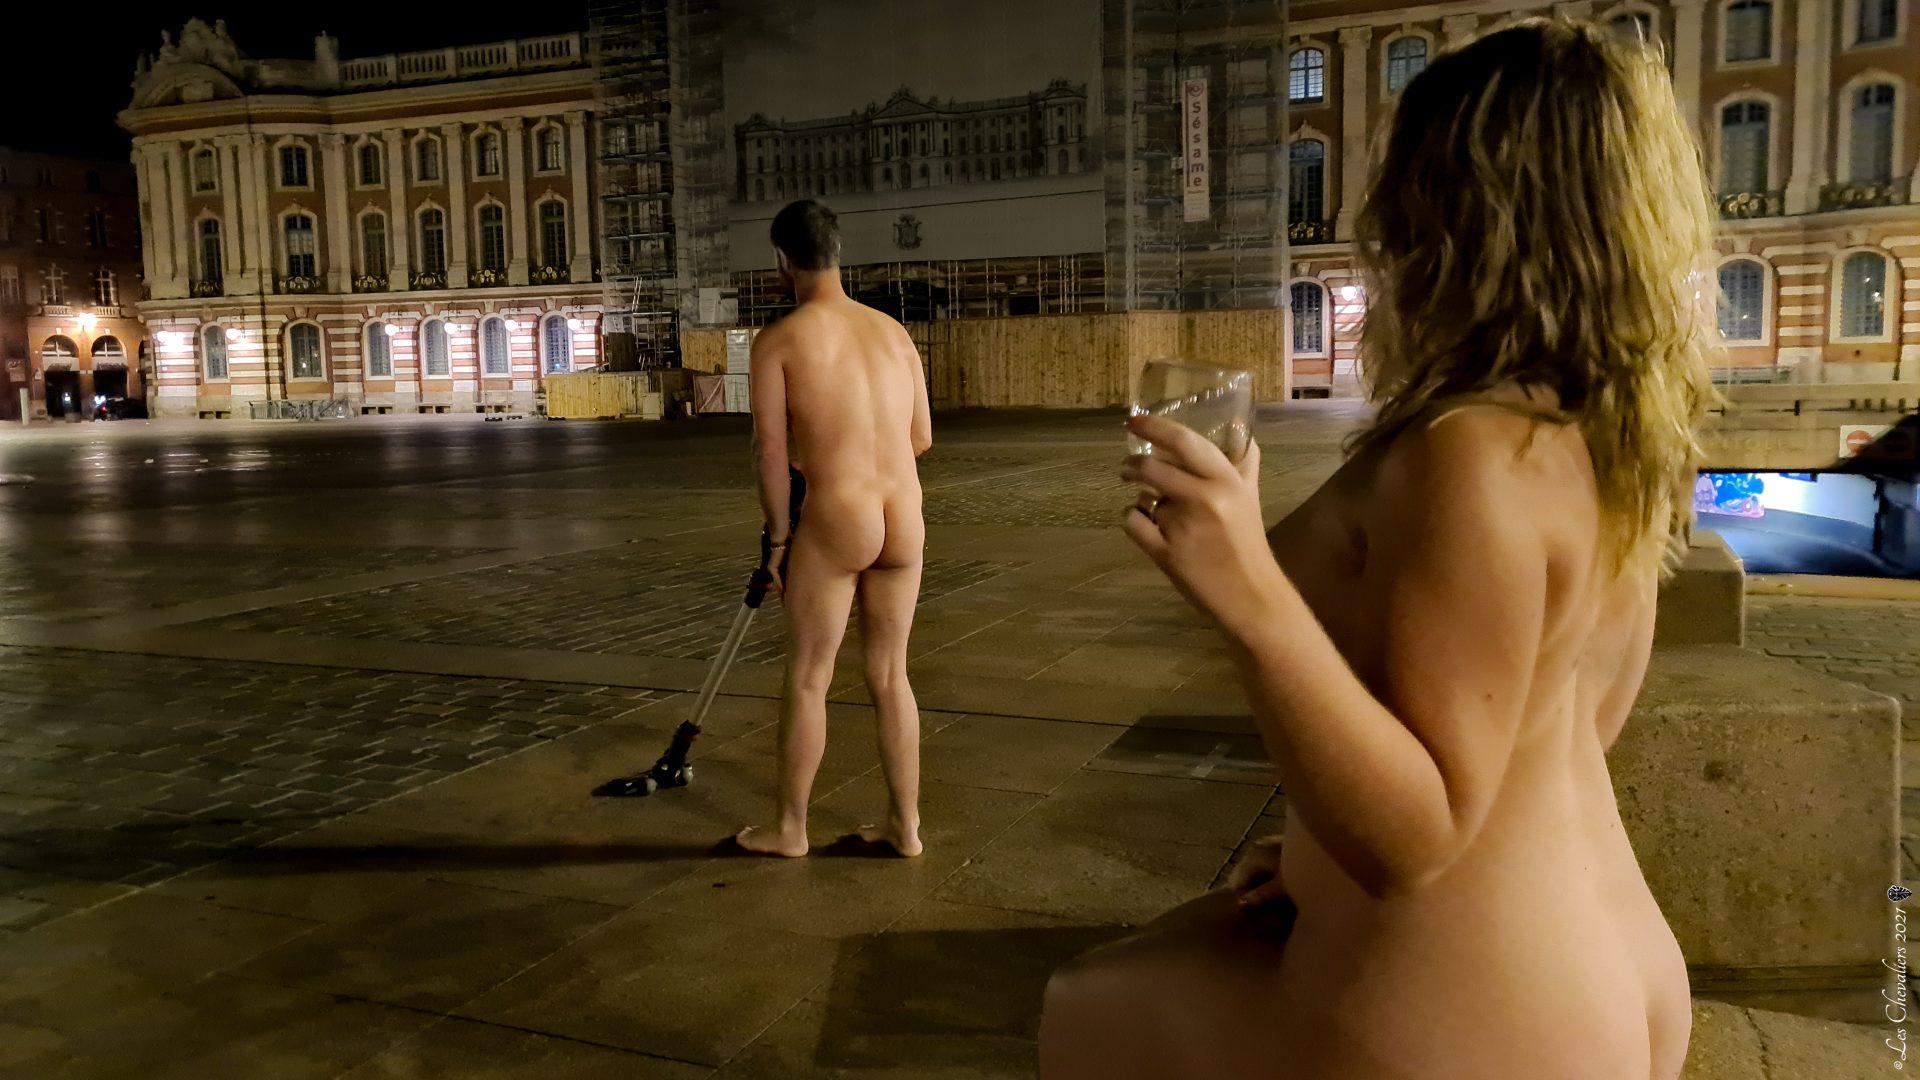 """Place du Capitole, une photo de la collection """"Performance, ou le nu interdit"""" par Les Chevaliers Photographes."""